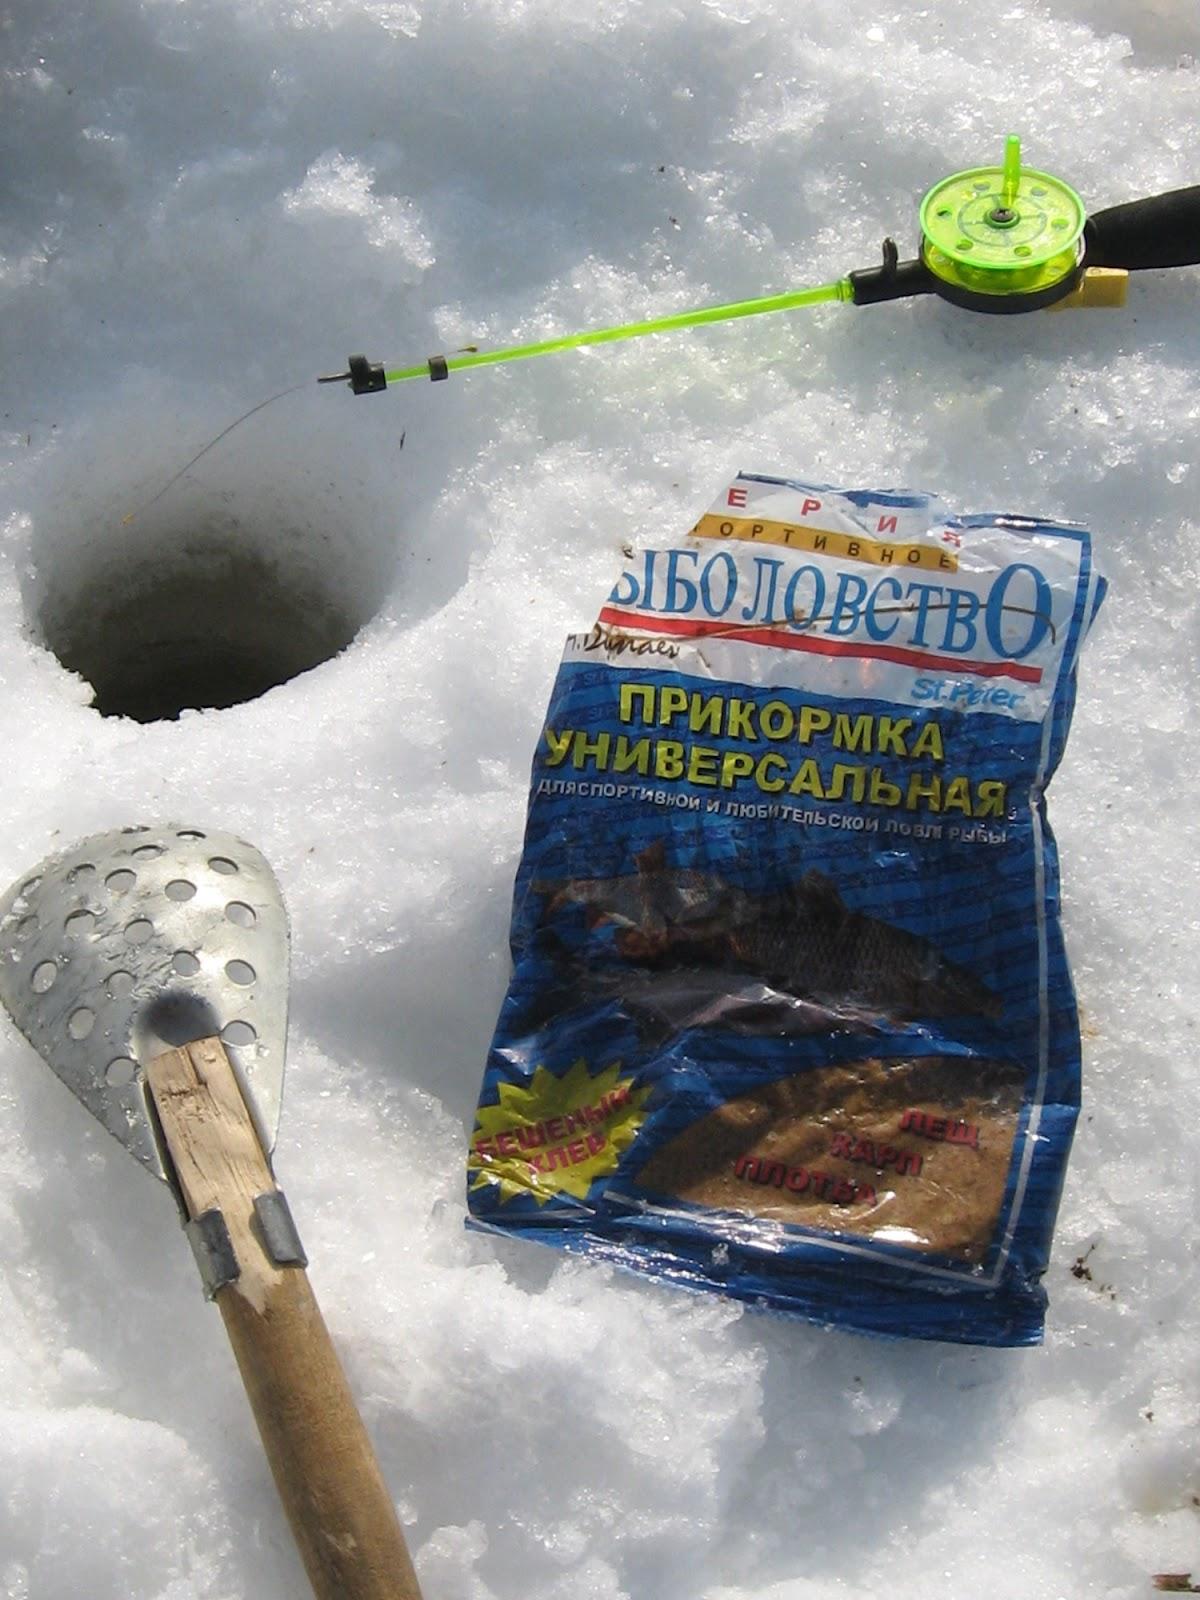 Как сделать самому прикормку на зимнюю рыбалку